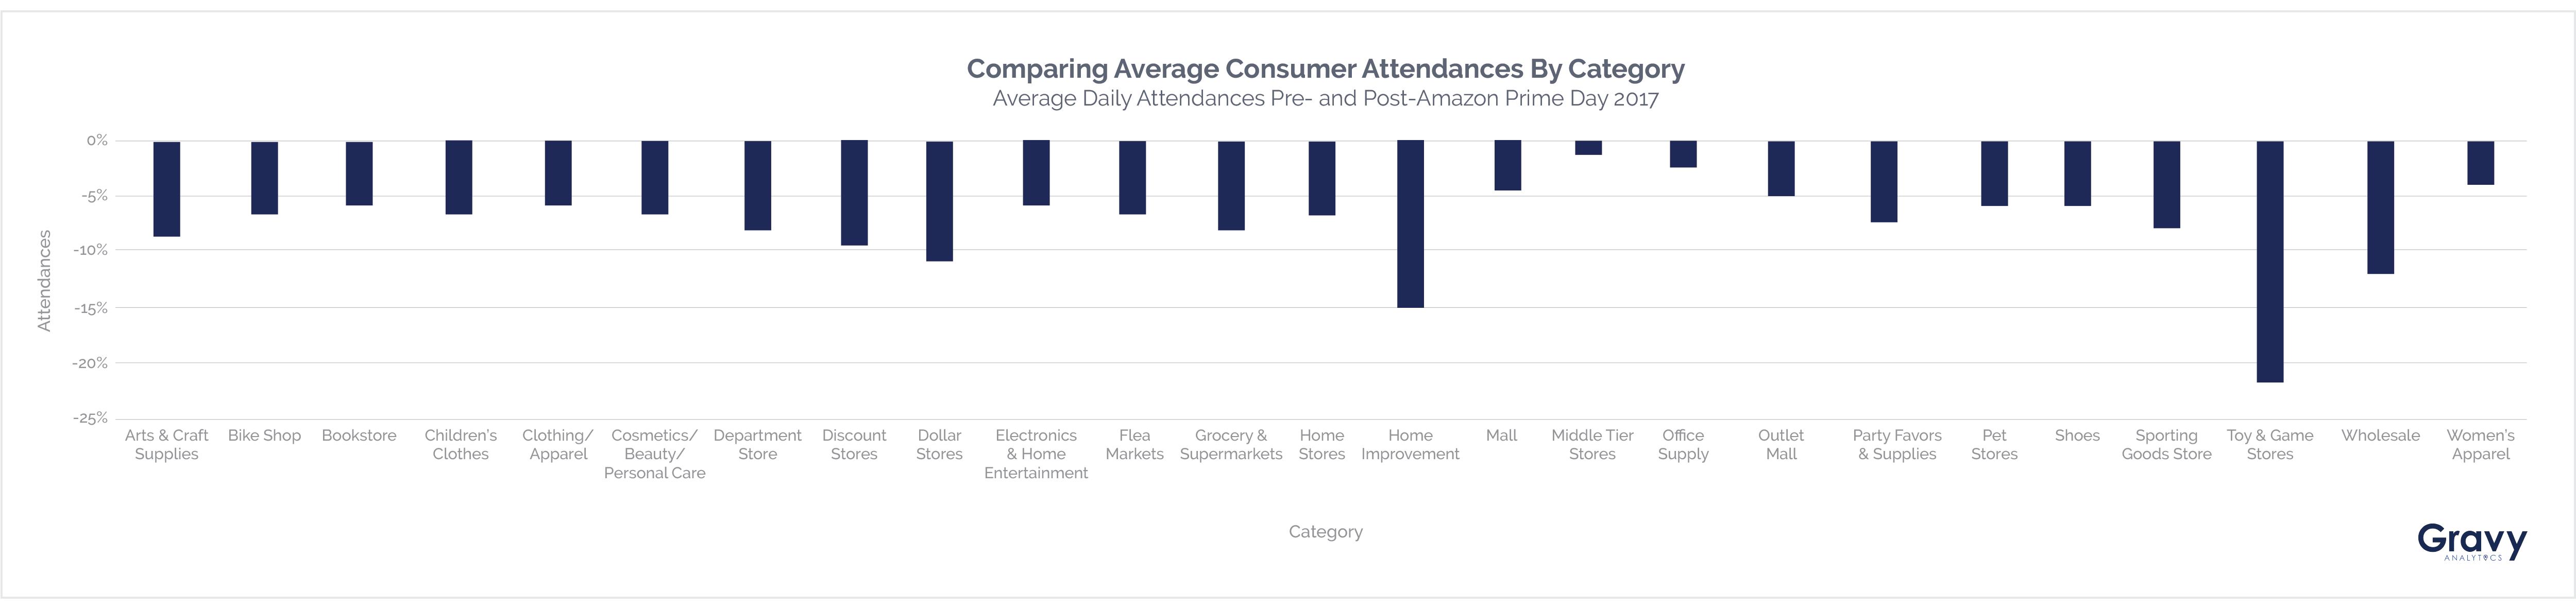 Amazon Prime Day Comparing Average Consumer Attendances